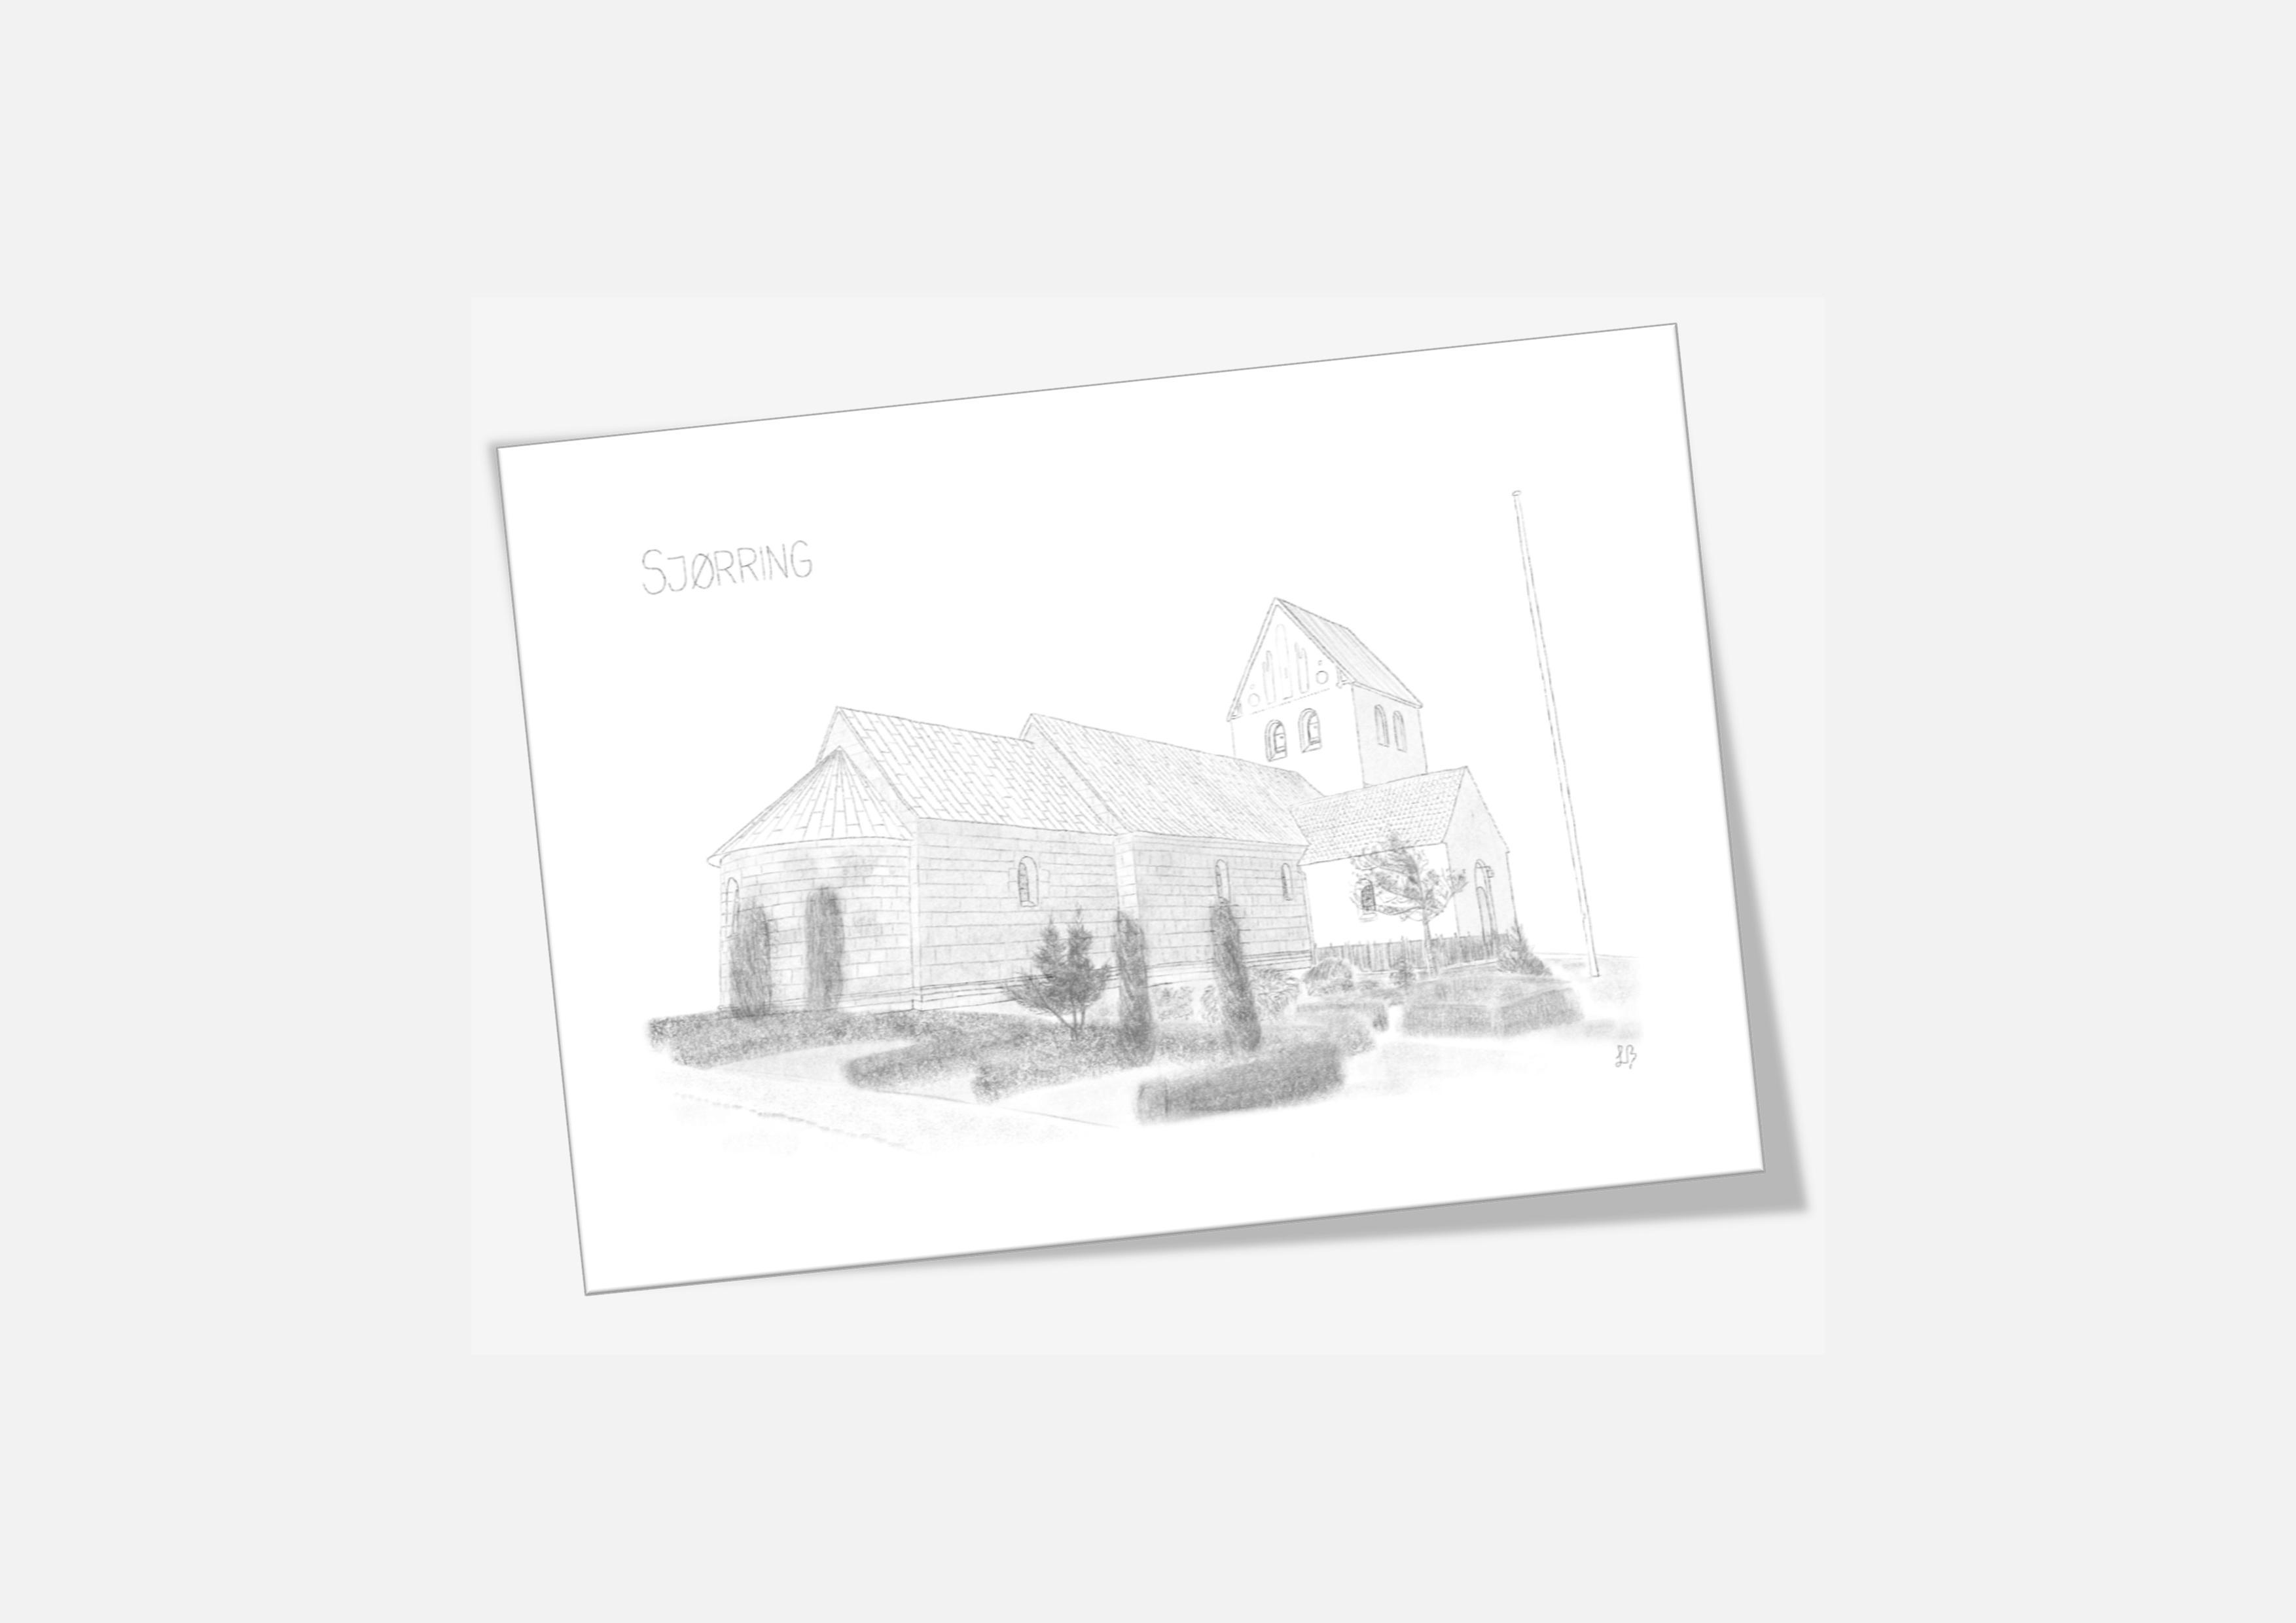 Varebillede Sjørring Kirke kort